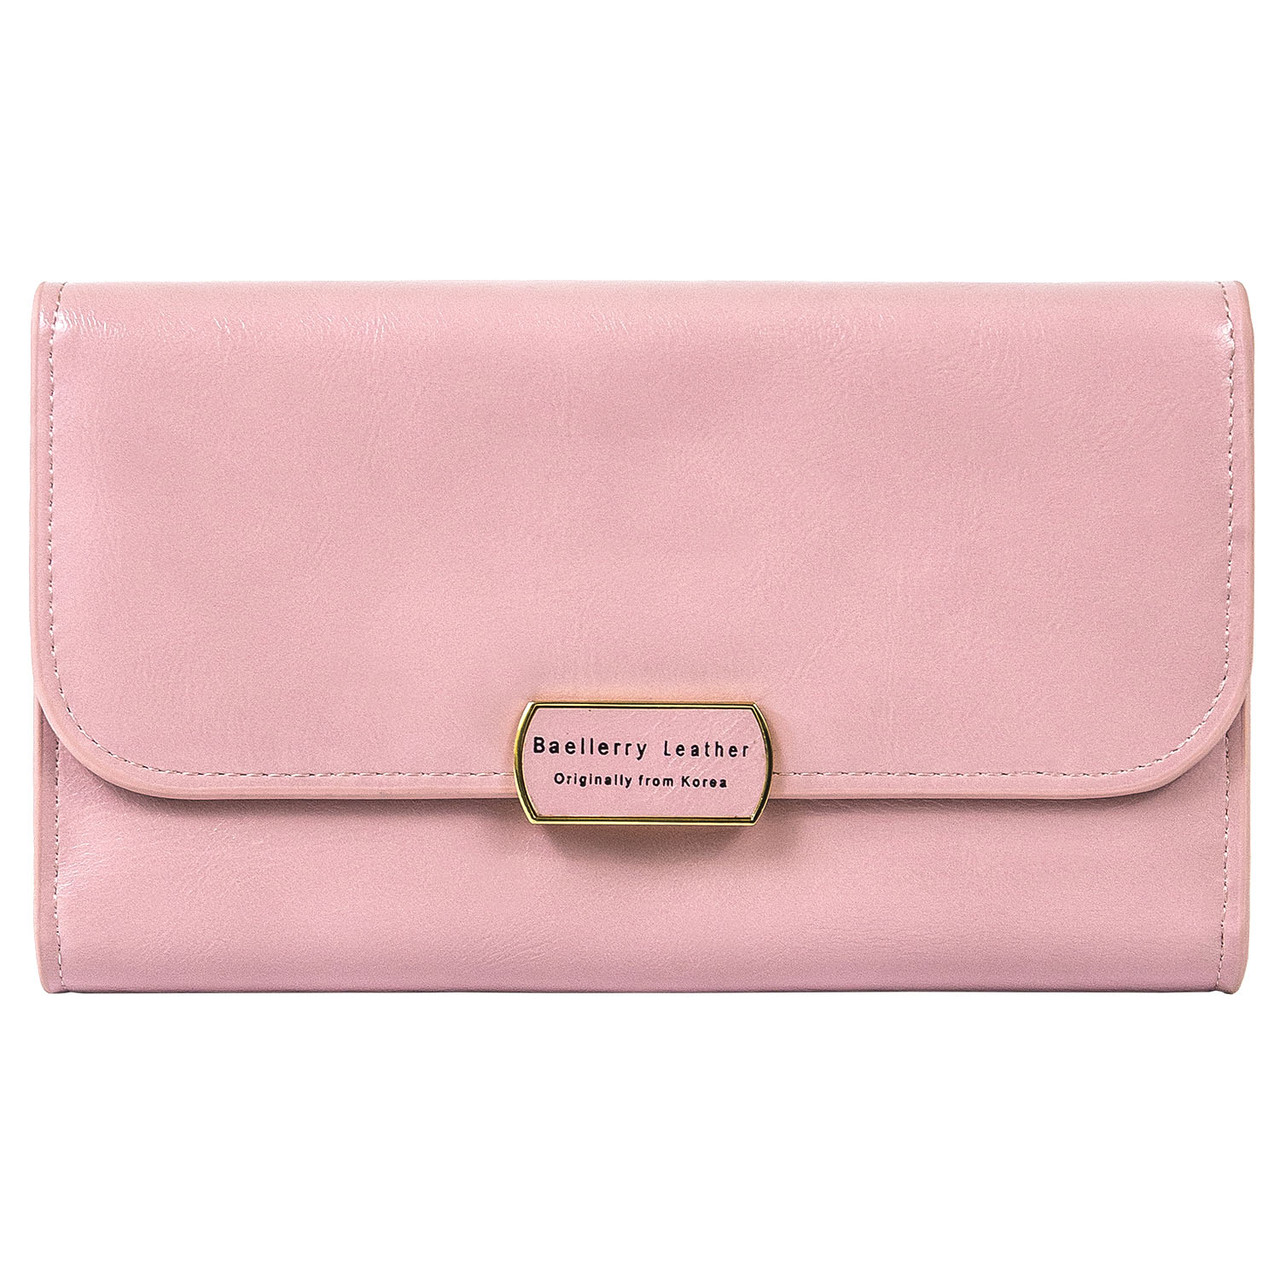 Женский кошелек Baellerry Leather 5512 с ремешком розовый